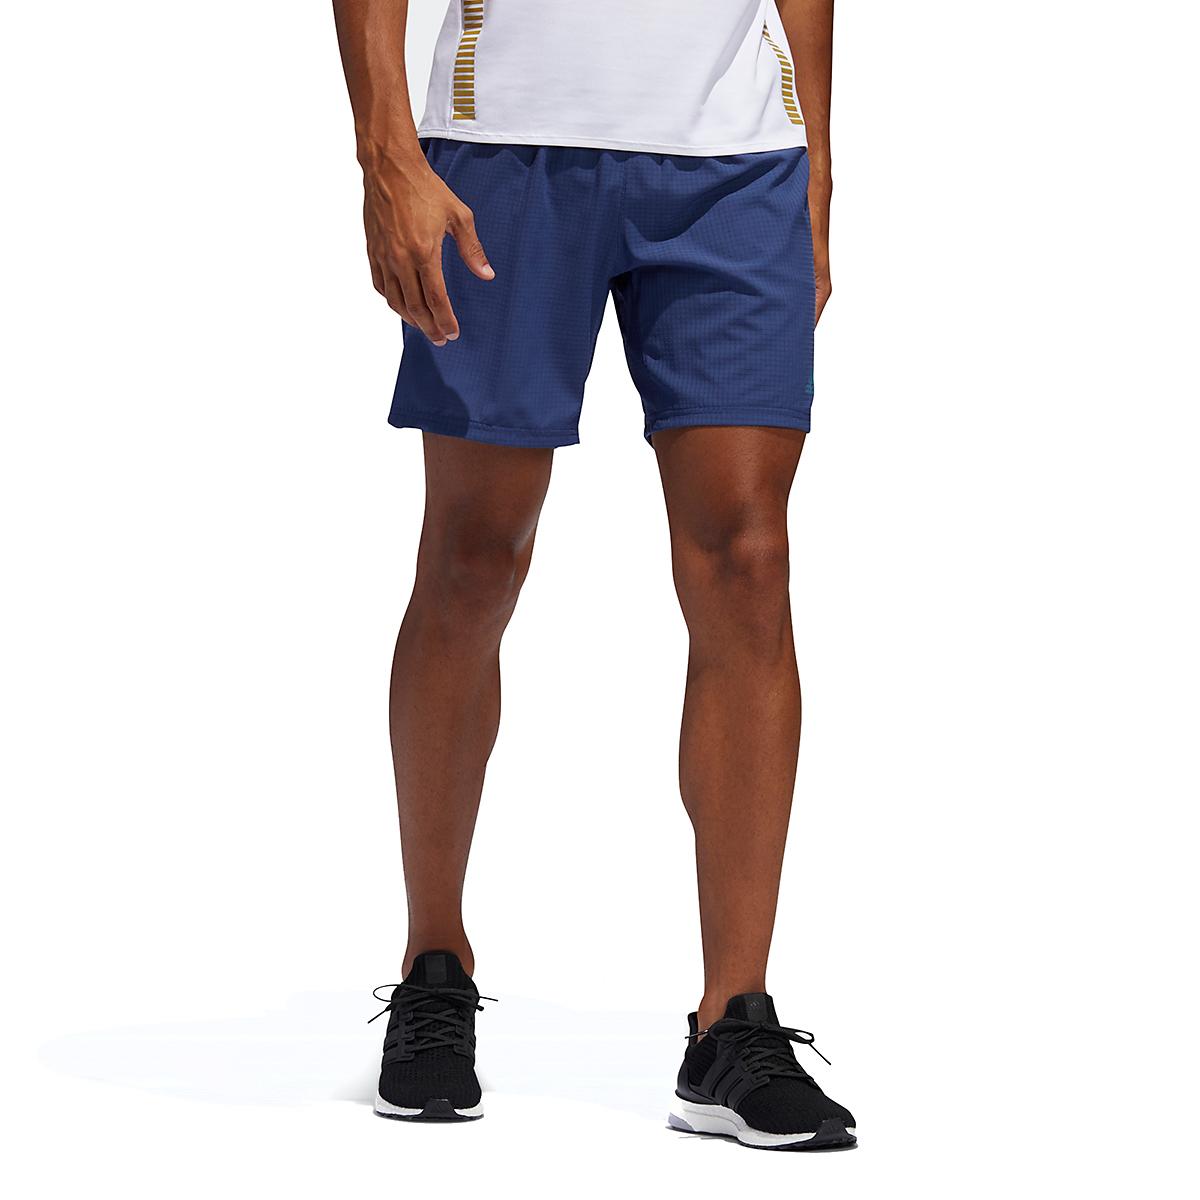 Men's Adidas Saturday Shorts - Color: Indigo - Size: M, Indigo, large, image 1